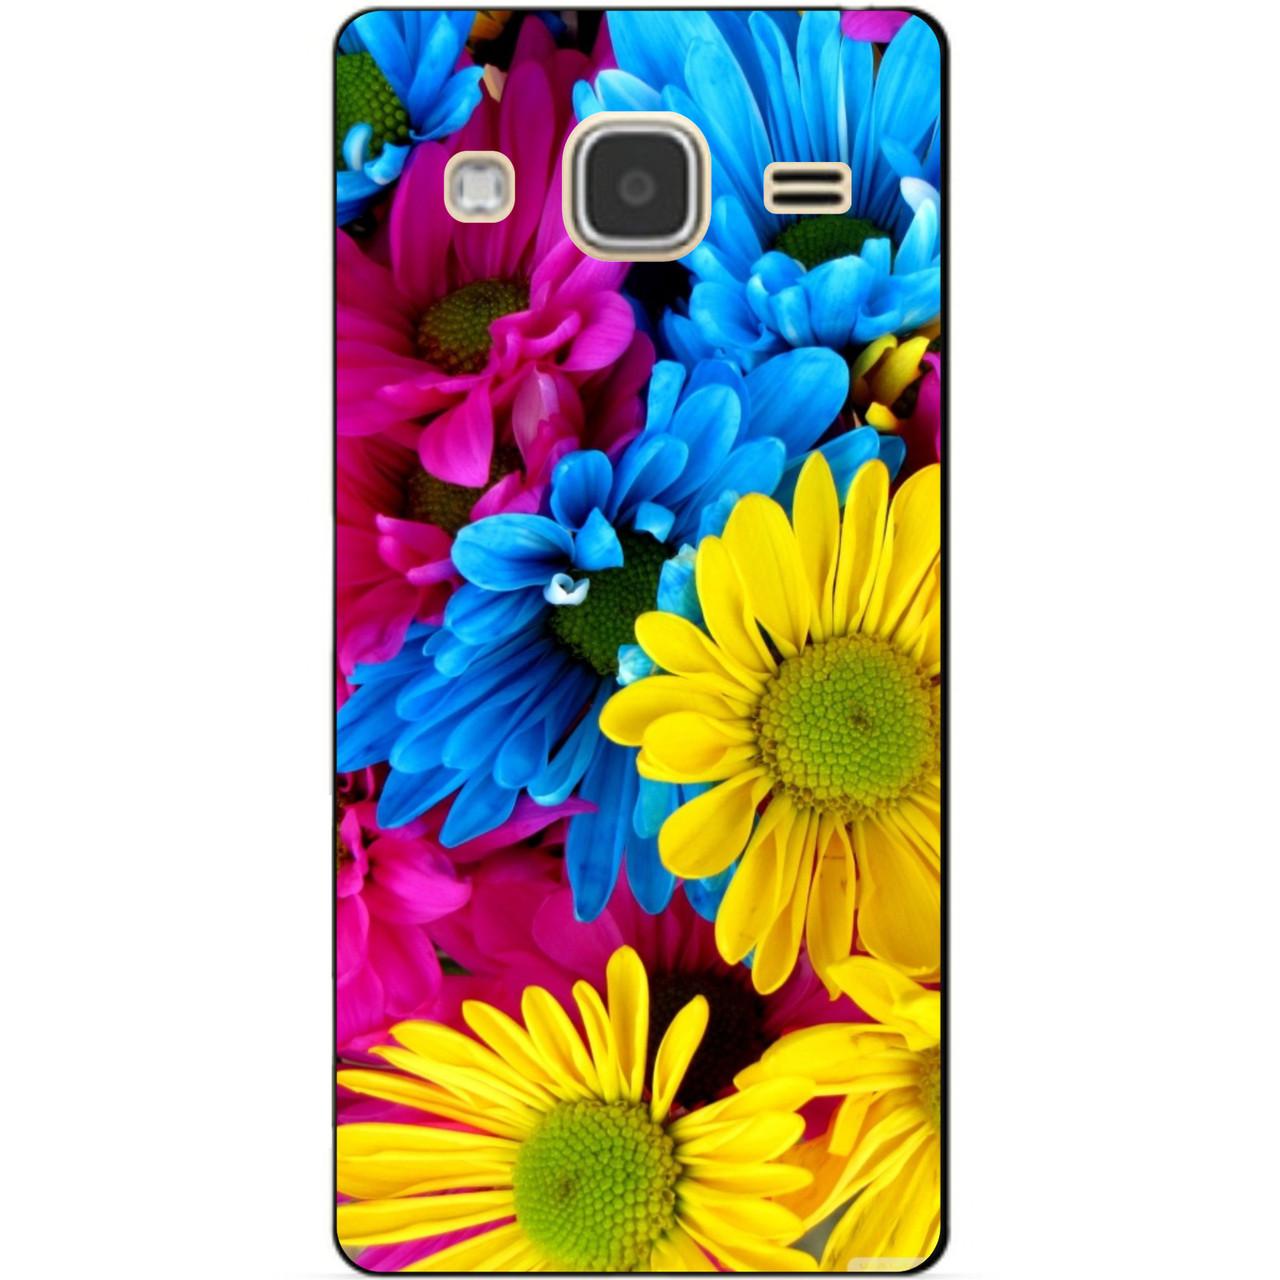 Чохол силіконовий бампер для Samsung Galaxy J3 J300 з малюнком Хризантеми